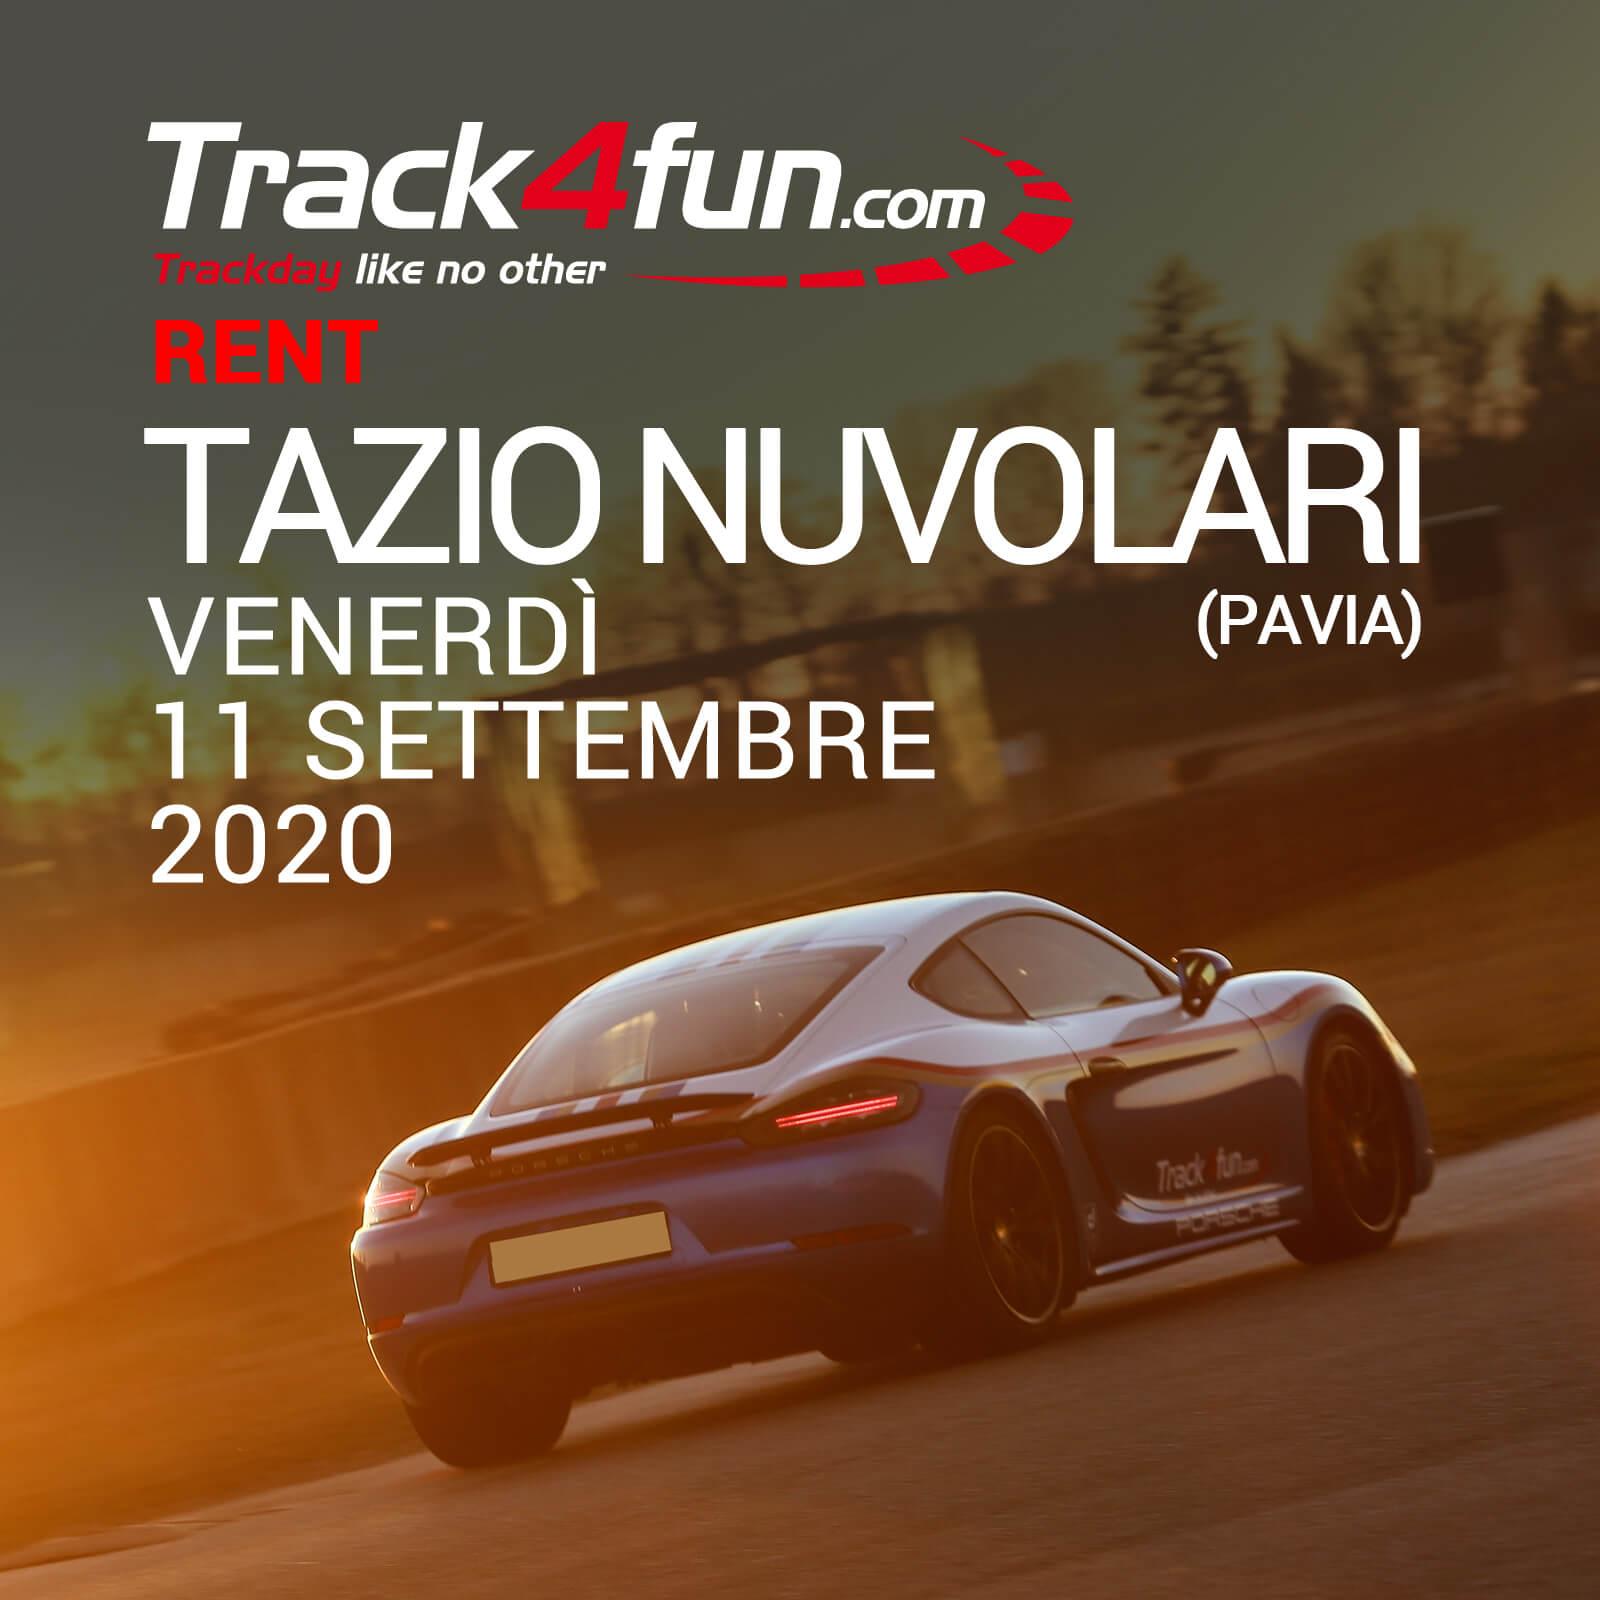 Track4fun Rent Tazio Nuvolari 11-09-2020